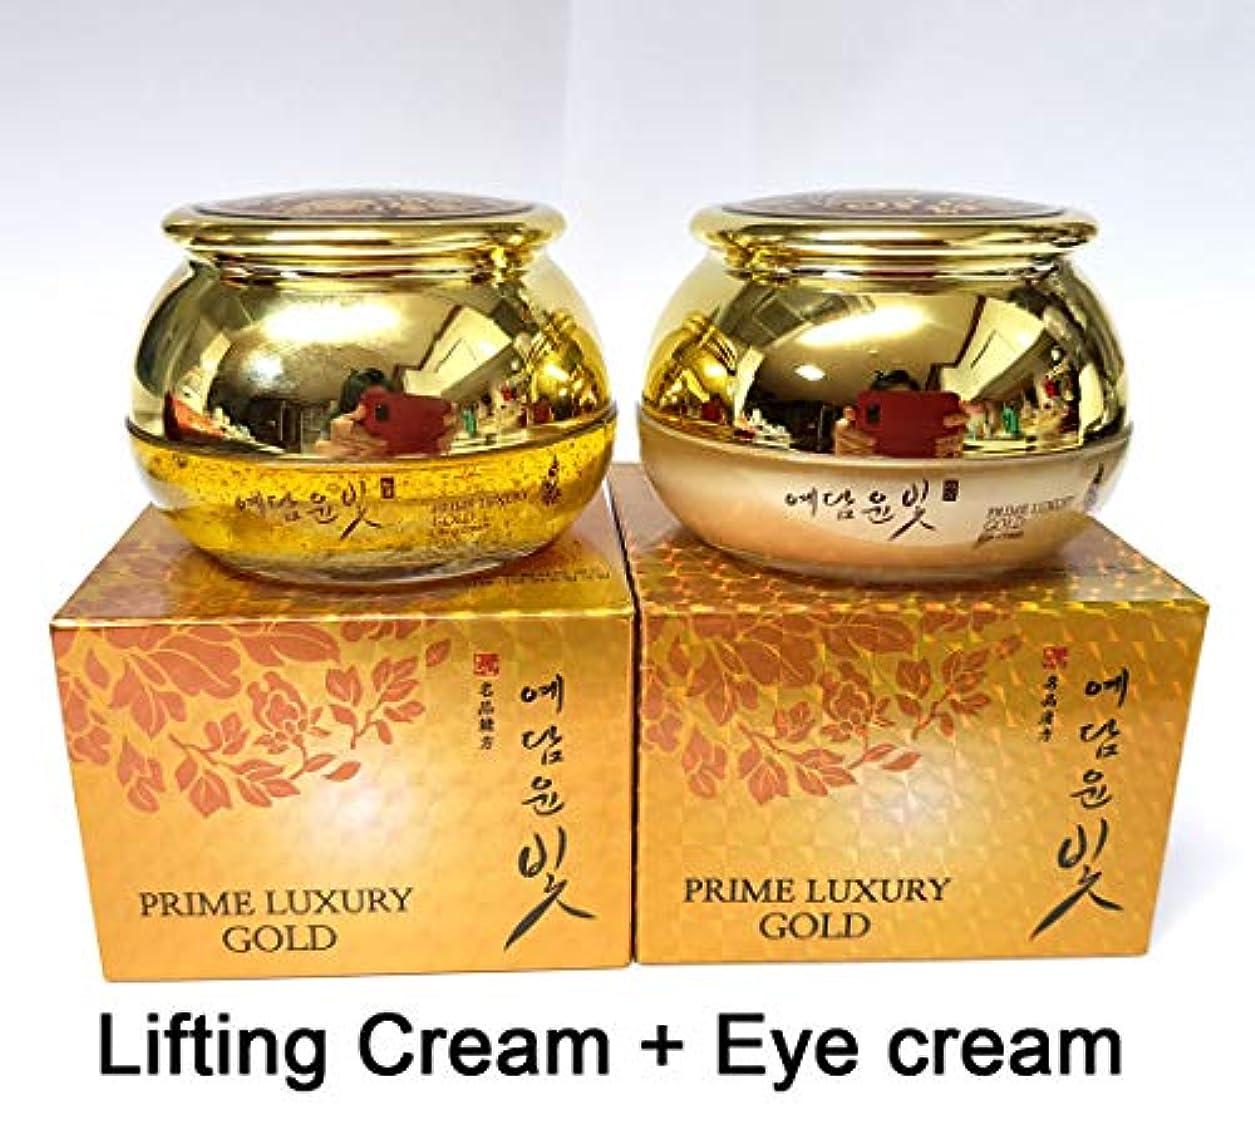 エステートぶどうラウズ[YEDAM YUNBIT]プライムラグジュアリーゴールドリフティングクリーム50g + プライムラグジュアリーゴールドインテンシブアイクリーム50g/ Prime Luxury Gold Lifting Cream 50g...